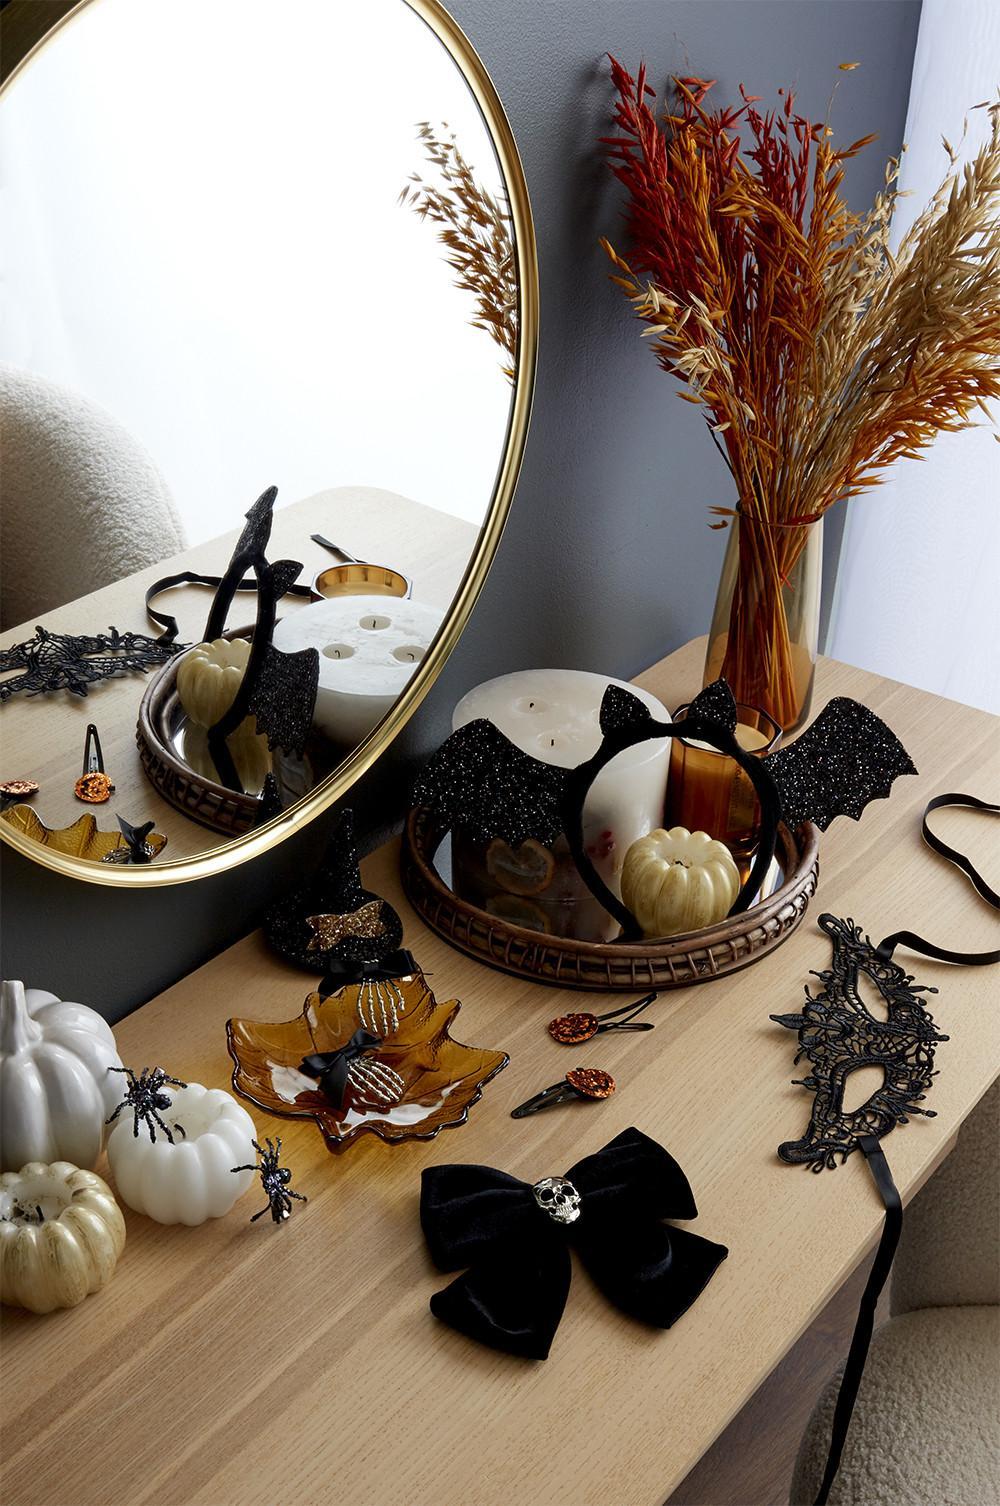 image à plat d'accessoires d'halloween, comme des masques, des oreilles de chat, et des serre-têtes chauve-souris.